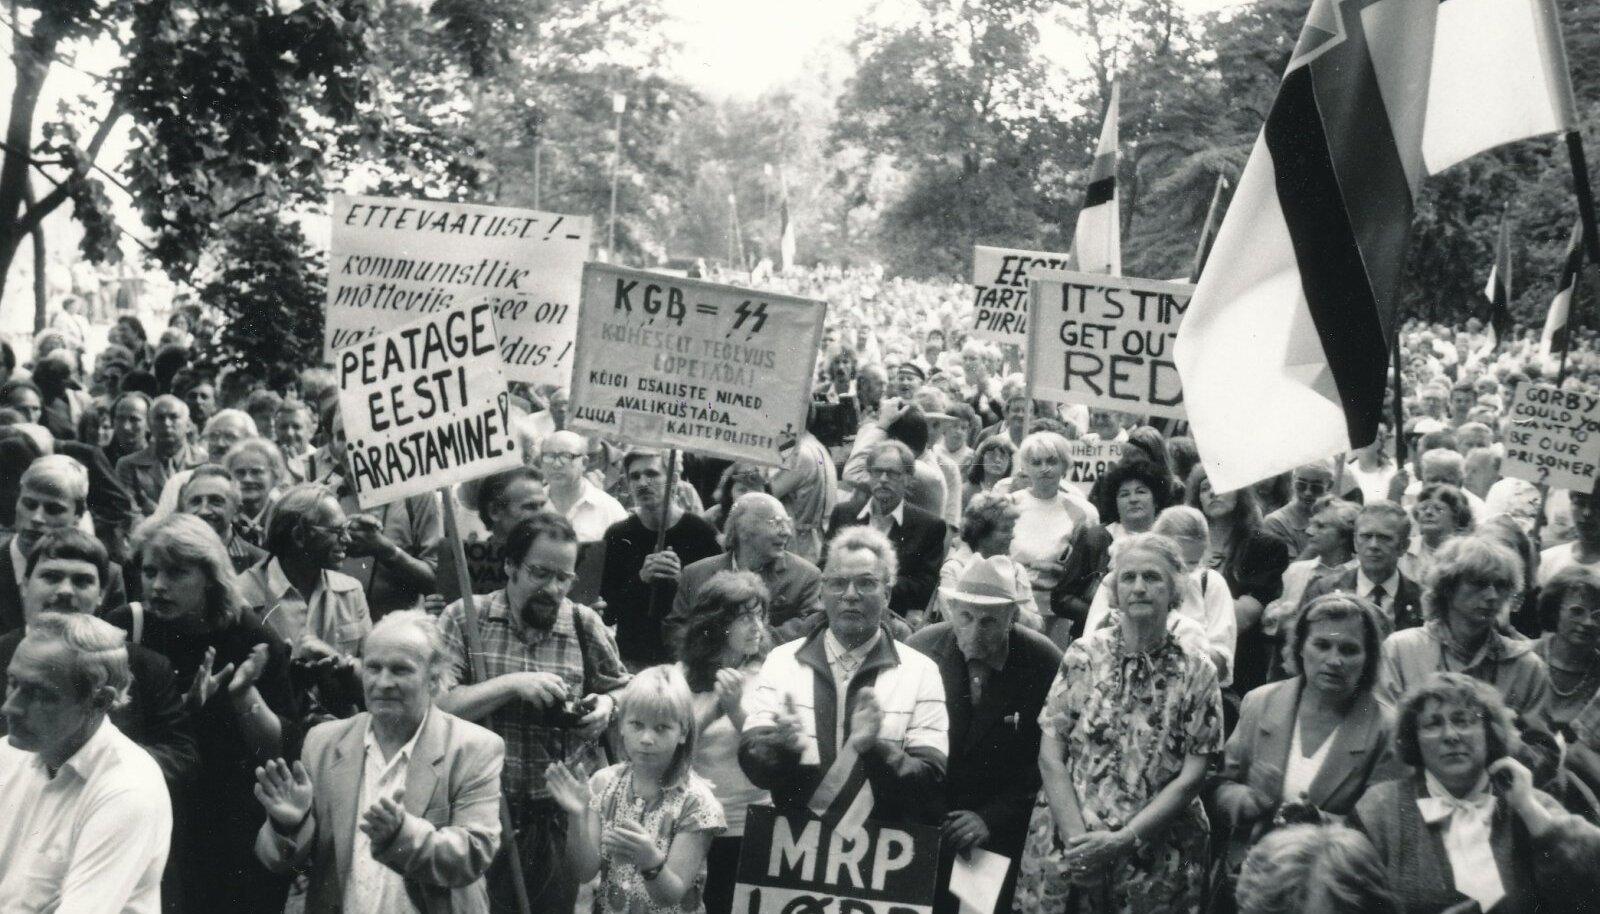 Hirvepargi miiting 23.08.1987